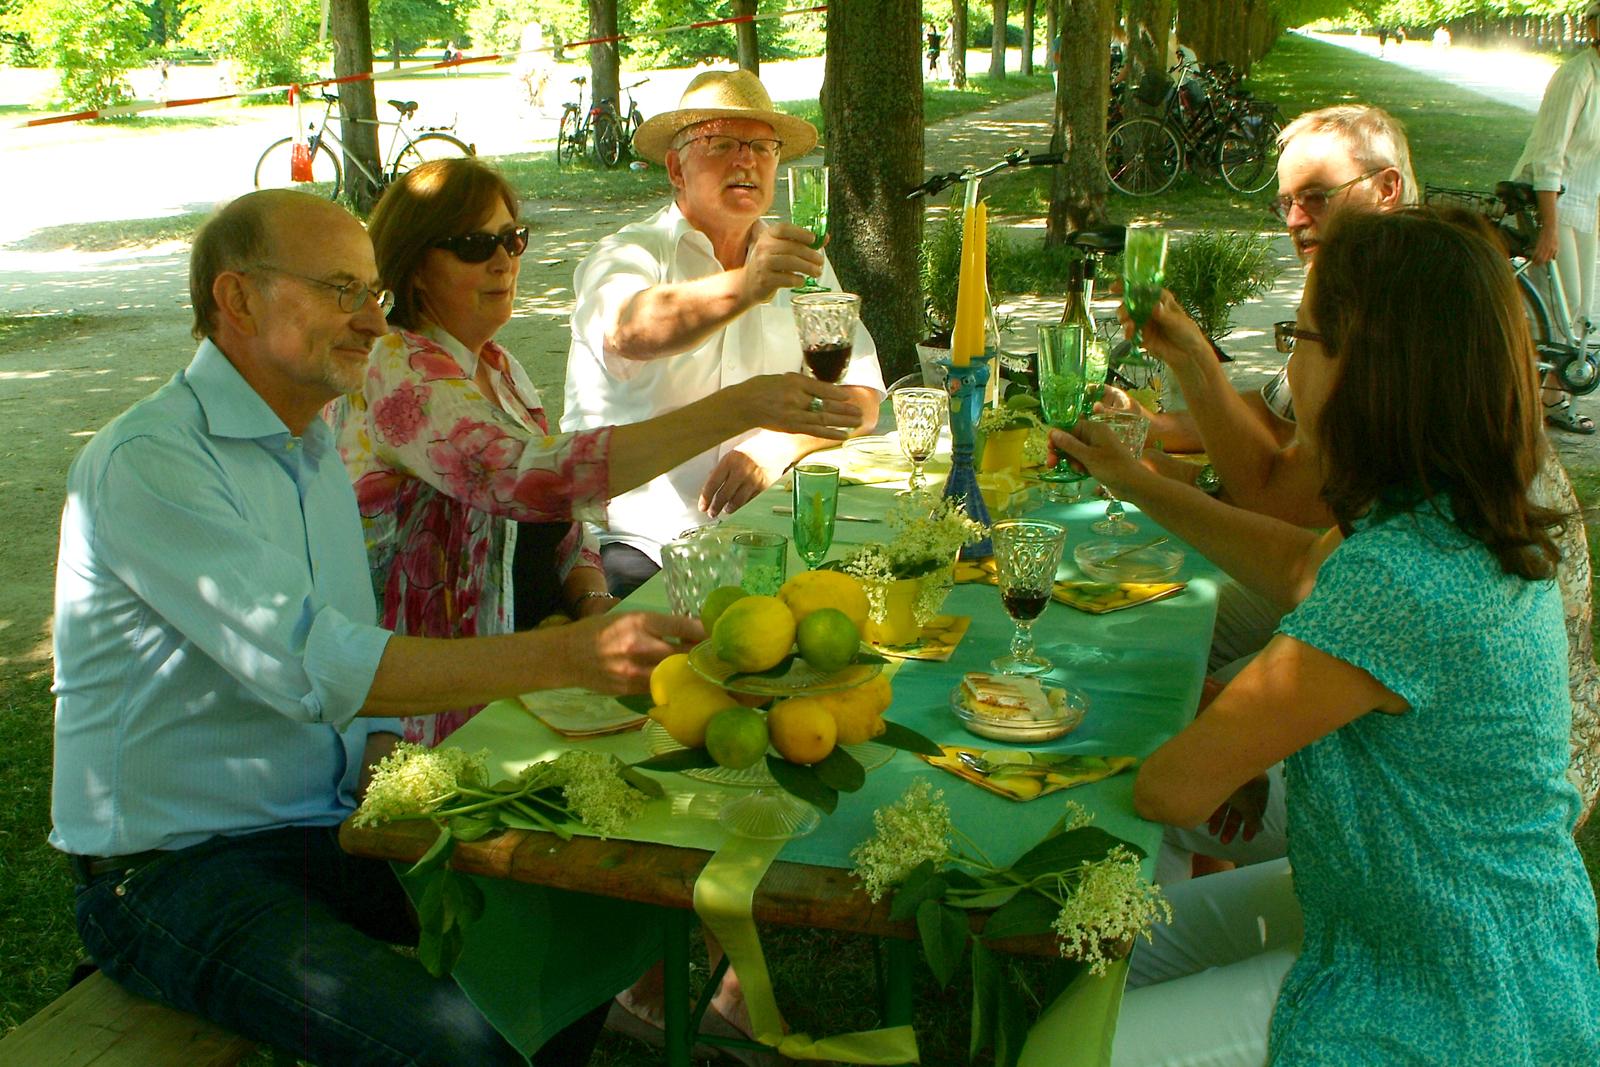 File Lasst Uns Nochmal Anstossen Am Turkis Grun Gelben Tisch Jpg